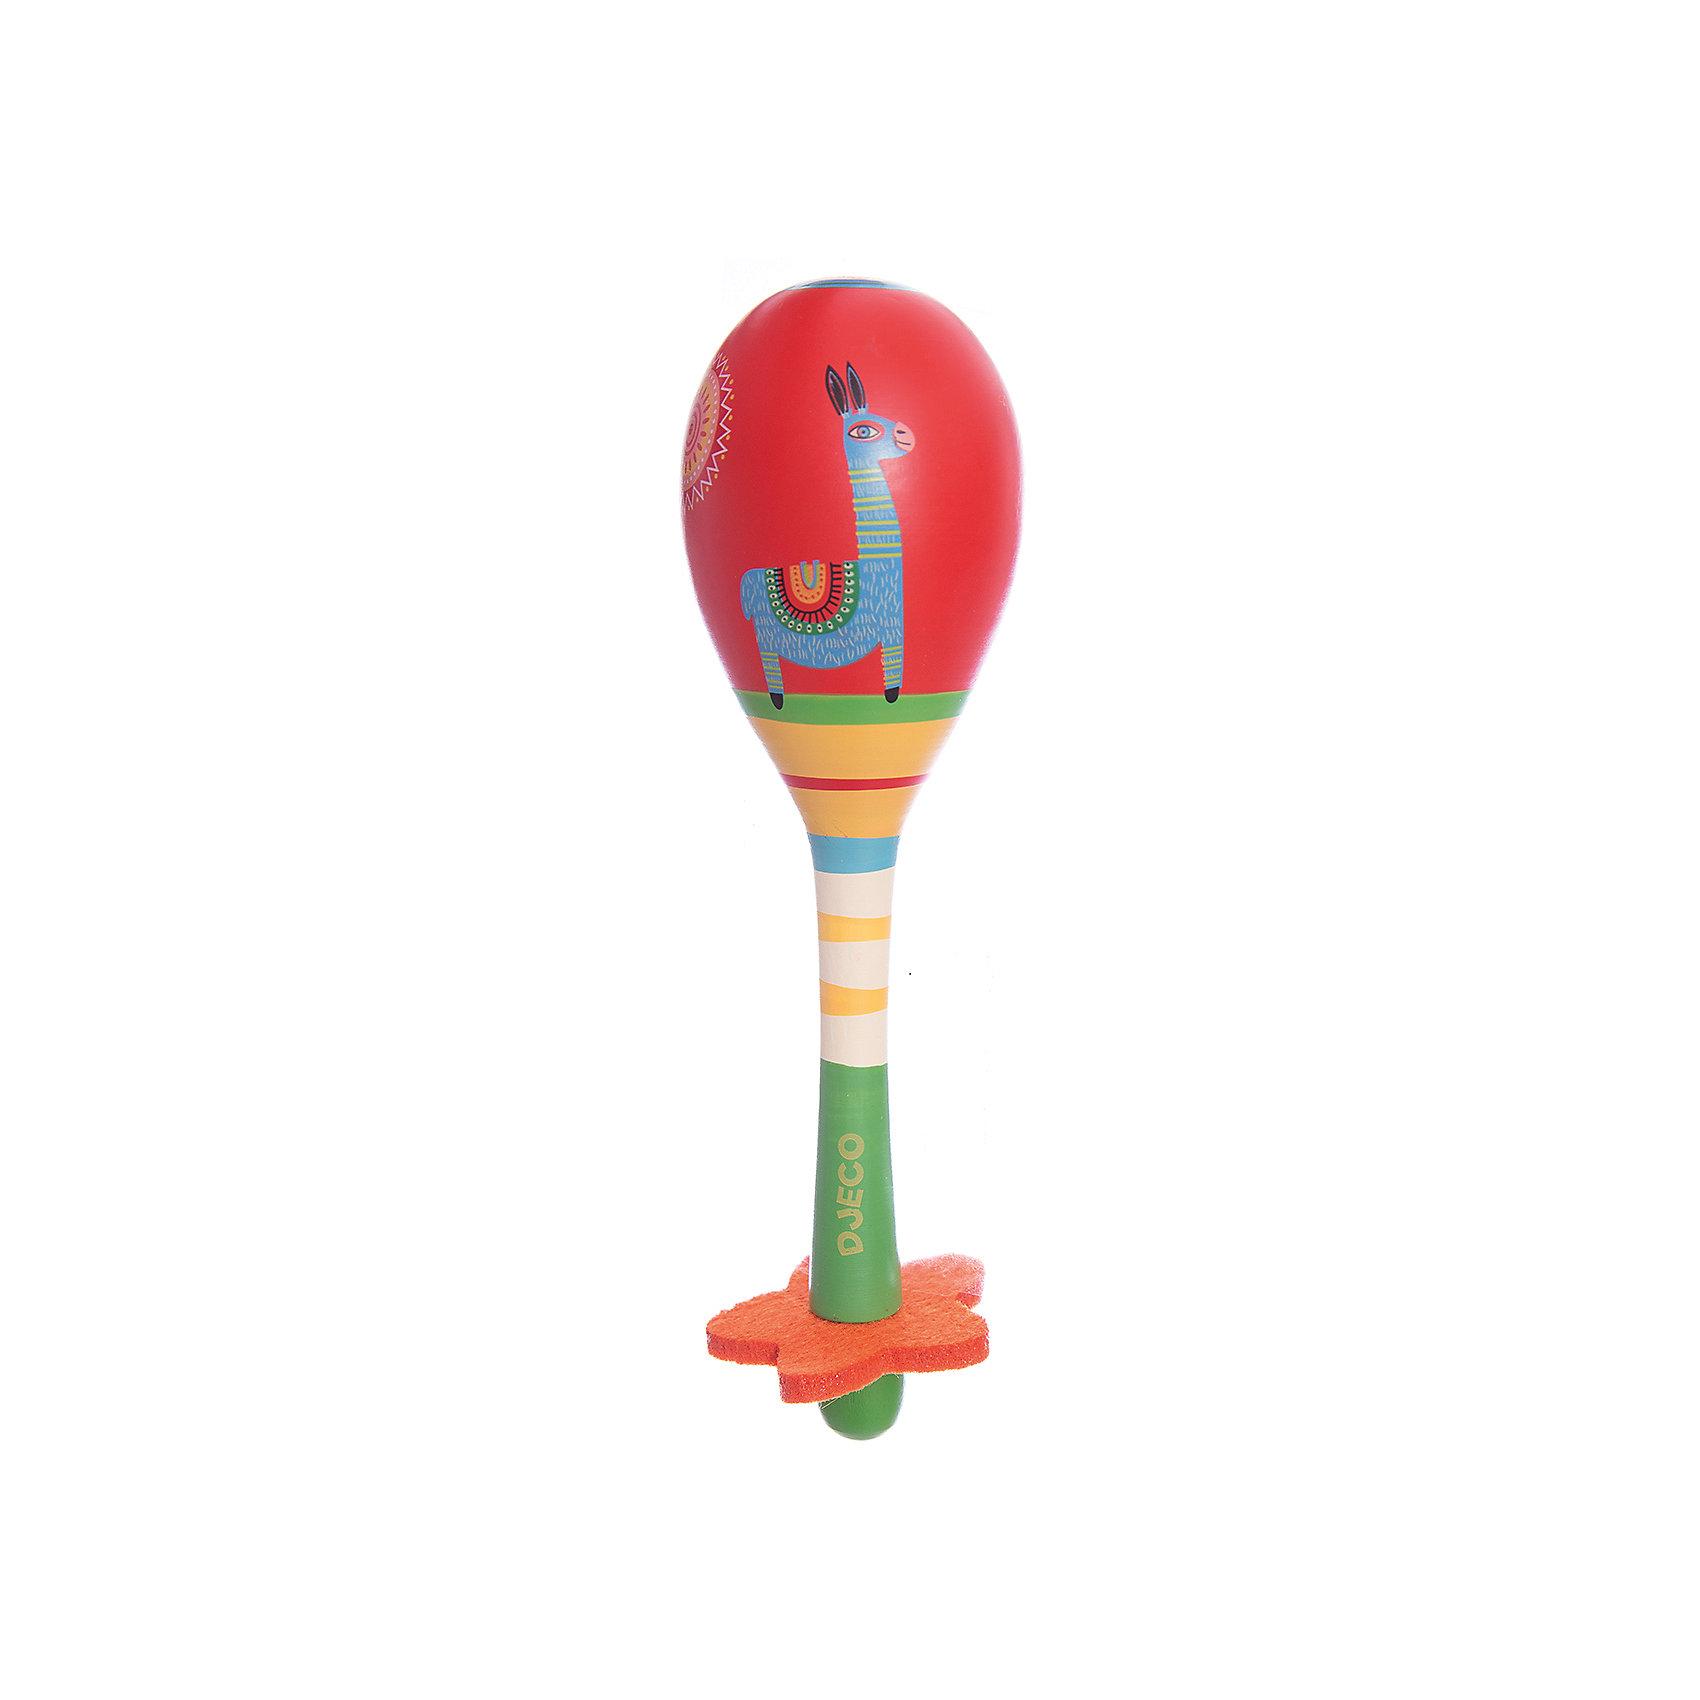 Маракас, DJECOМузыкальные инструменты и игрушки<br>Чудесный красочный маракас, Djeco (Джеко), непременно понравится Вашему ребенку и поможет ему развить свои музыкальные способности. С его помощью он будет придумывать собственные мелодии и музыкальные композиции. Игрушка имеет яркий, привлекательный для ребенка дизайн с разноцветными узорами и изображением симпатичной ламы, ручка с красным цветочком очень удобна для ручек малыша. Игрушка изготовлена из высококачественного дерева и покрыта безопасными нетоксичными красками. Игра на маракасе способствует развитию чувства ритма, музыкального слуха и творческих способностей ребенка, тренирует мелкую моторику.<br><br>Дополнительная информация:<br><br>- Материал: дерево.<br>- Размер игрушки: 5,8 х 18,3 см.<br>- Размер упаковки: 22,5 х 20 х 14 см.<br>- Вес: 0,1 кг.<br><br>Маракас, Djeco (Джеко), можно купить в нашем интернет-магазине.<br><br>Ширина мм: 60<br>Глубина мм: 280<br>Высота мм: 10<br>Вес г: 100<br>Возраст от месяцев: 36<br>Возраст до месяцев: 72<br>Пол: Унисекс<br>Возраст: Детский<br>SKU: 4215020